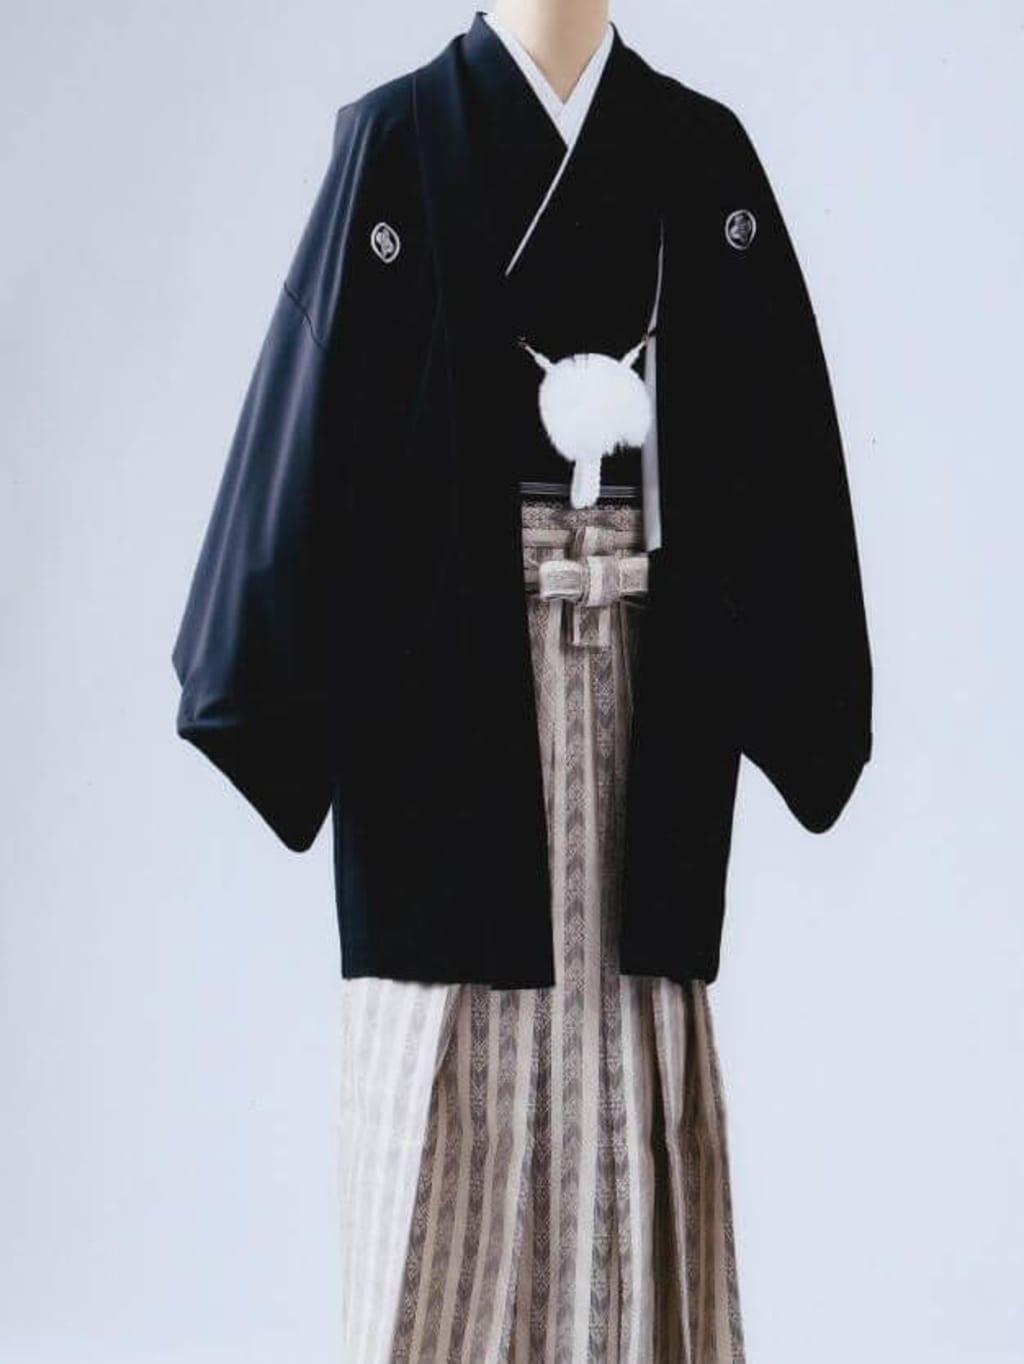 黒紋服 ゴールド袴_横浜店